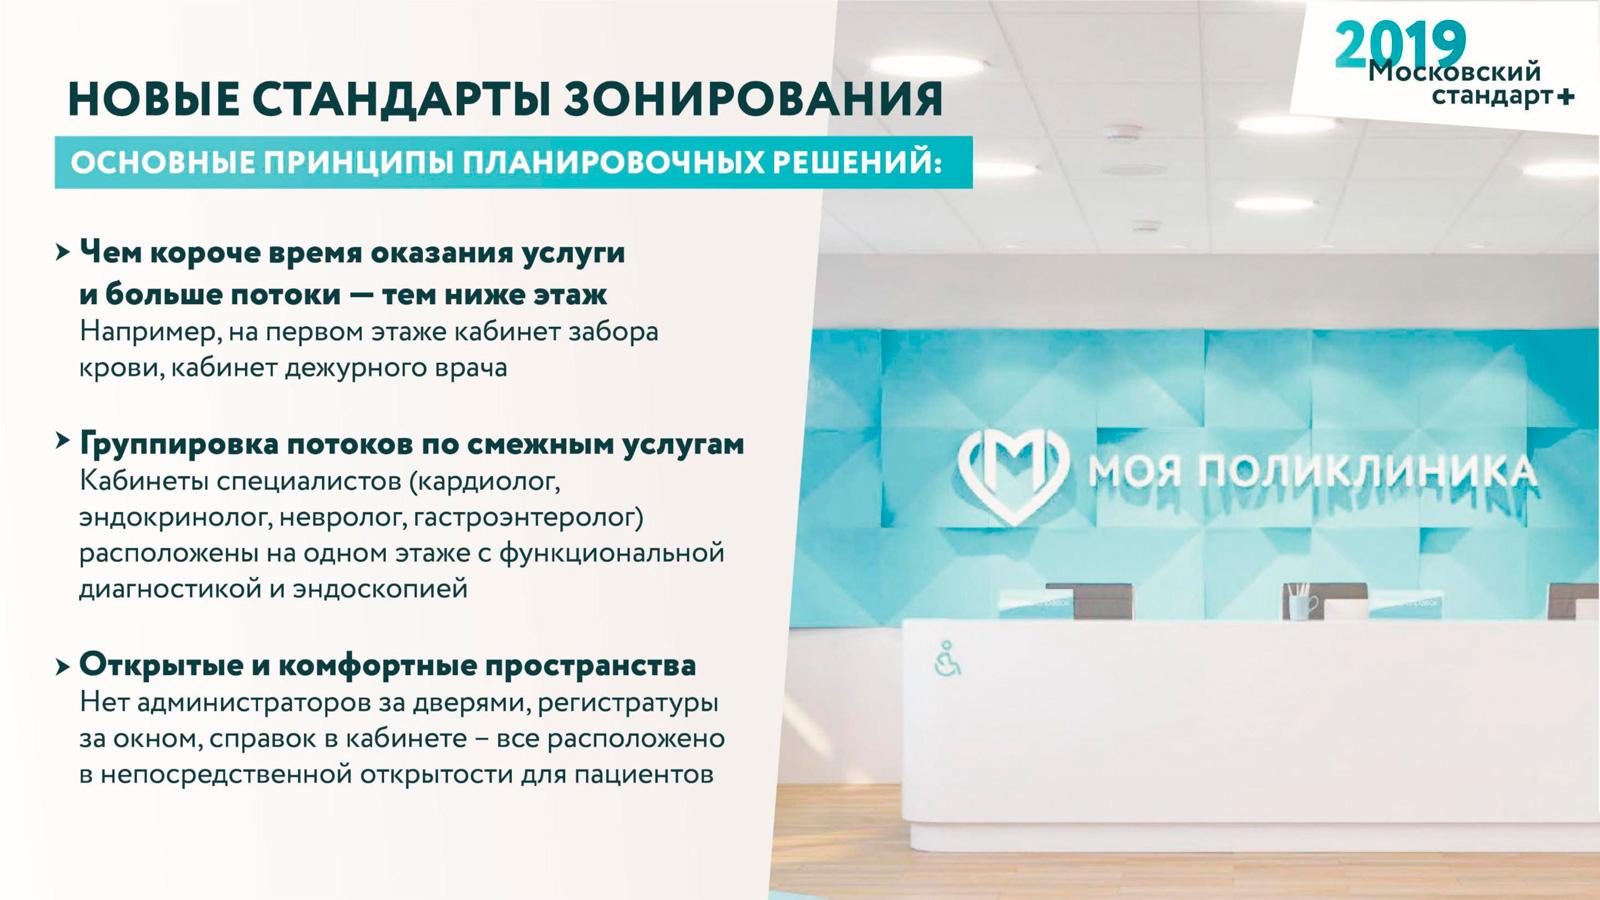 Блог Сергея Собянина. Поликлиники. «Московский стандарт+» - фото 2